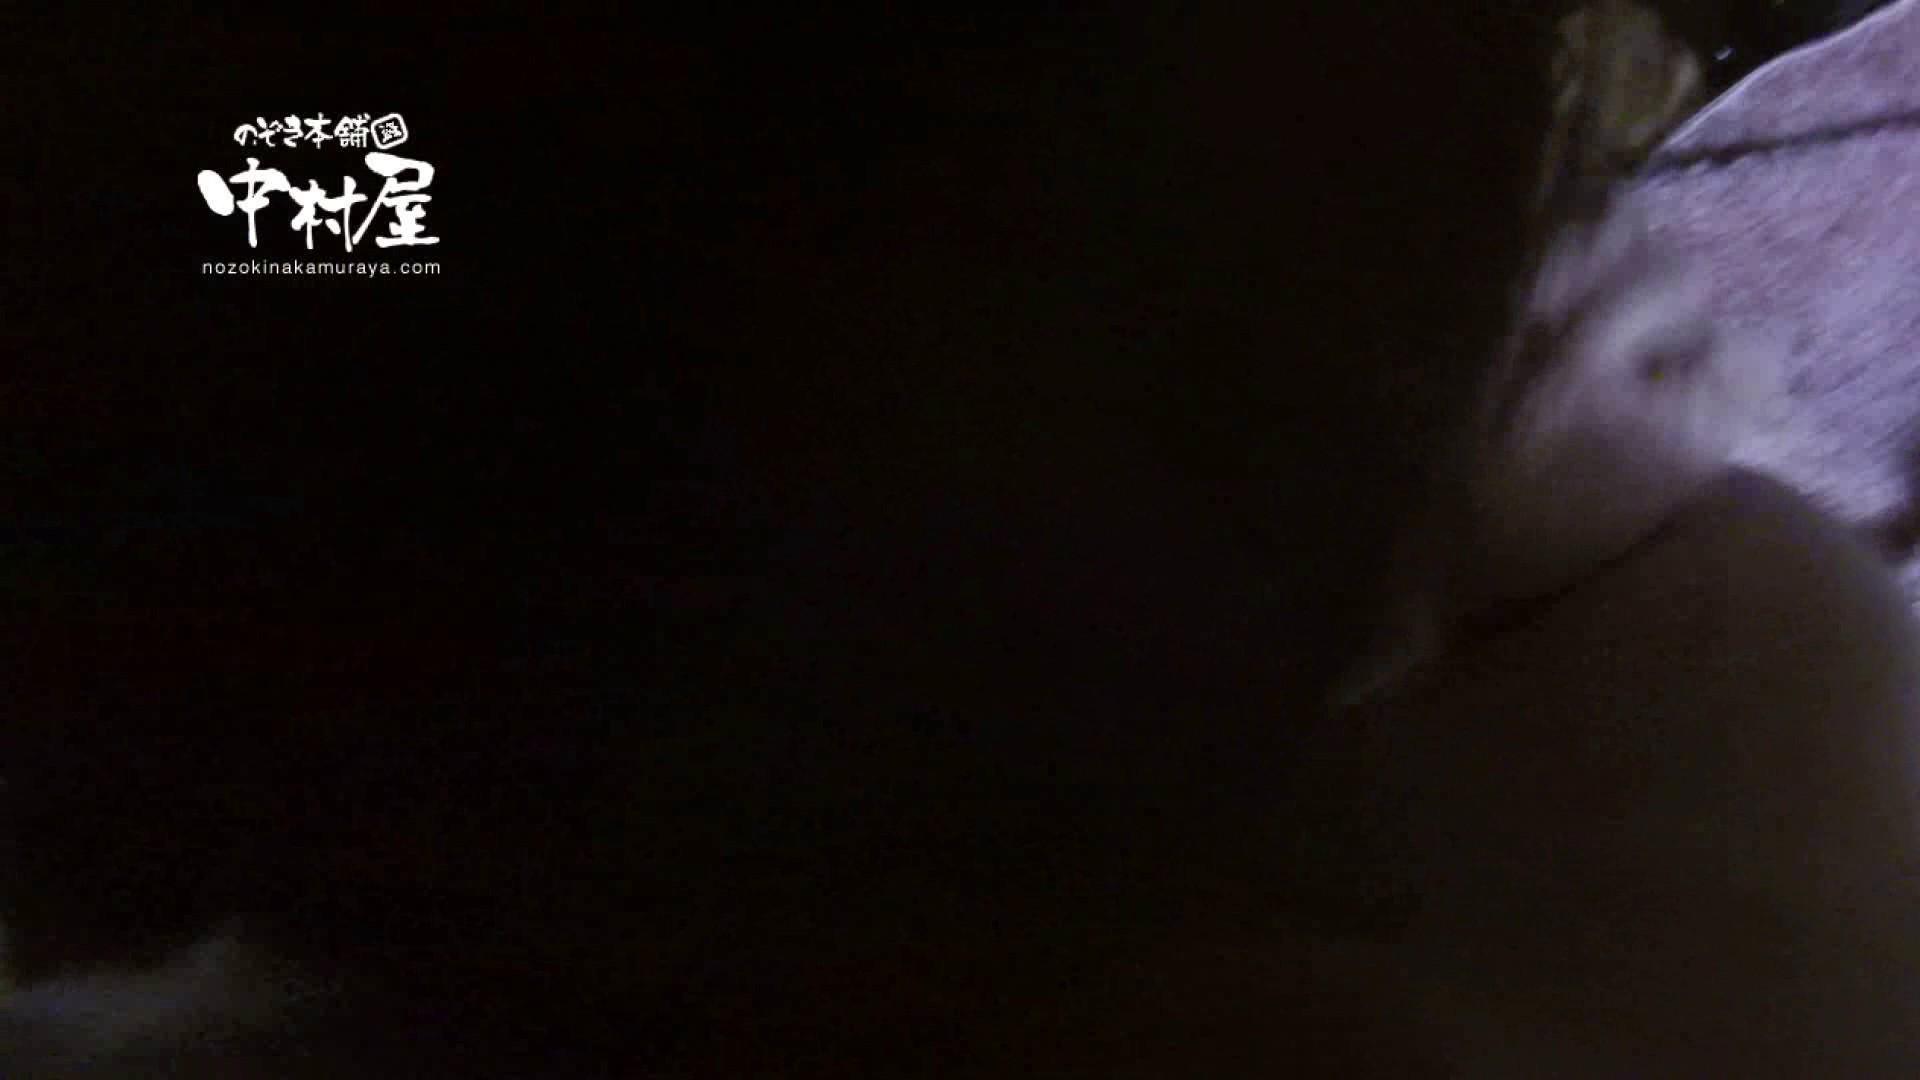 鬼畜 vol.10 あぁ無情…中出しパイパン! 前編 0 | 0  36画像 4